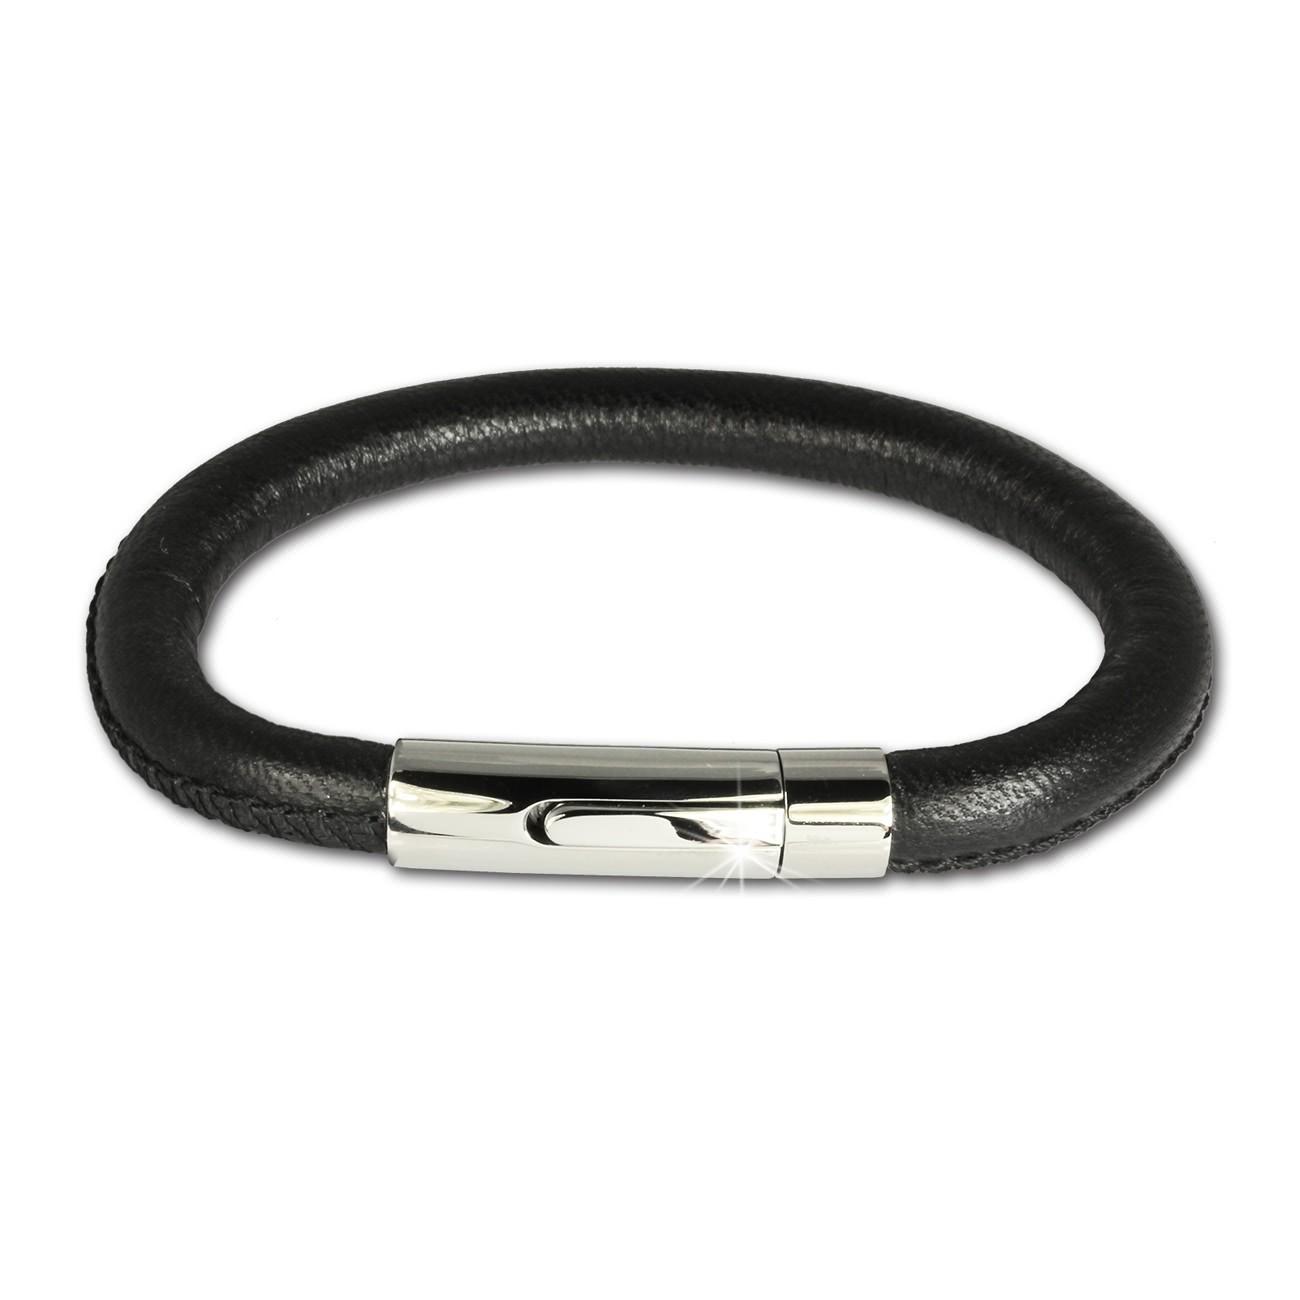 SilberDream Nappa Leder Armband schwarz mit Edelstahlverschluss LS1601